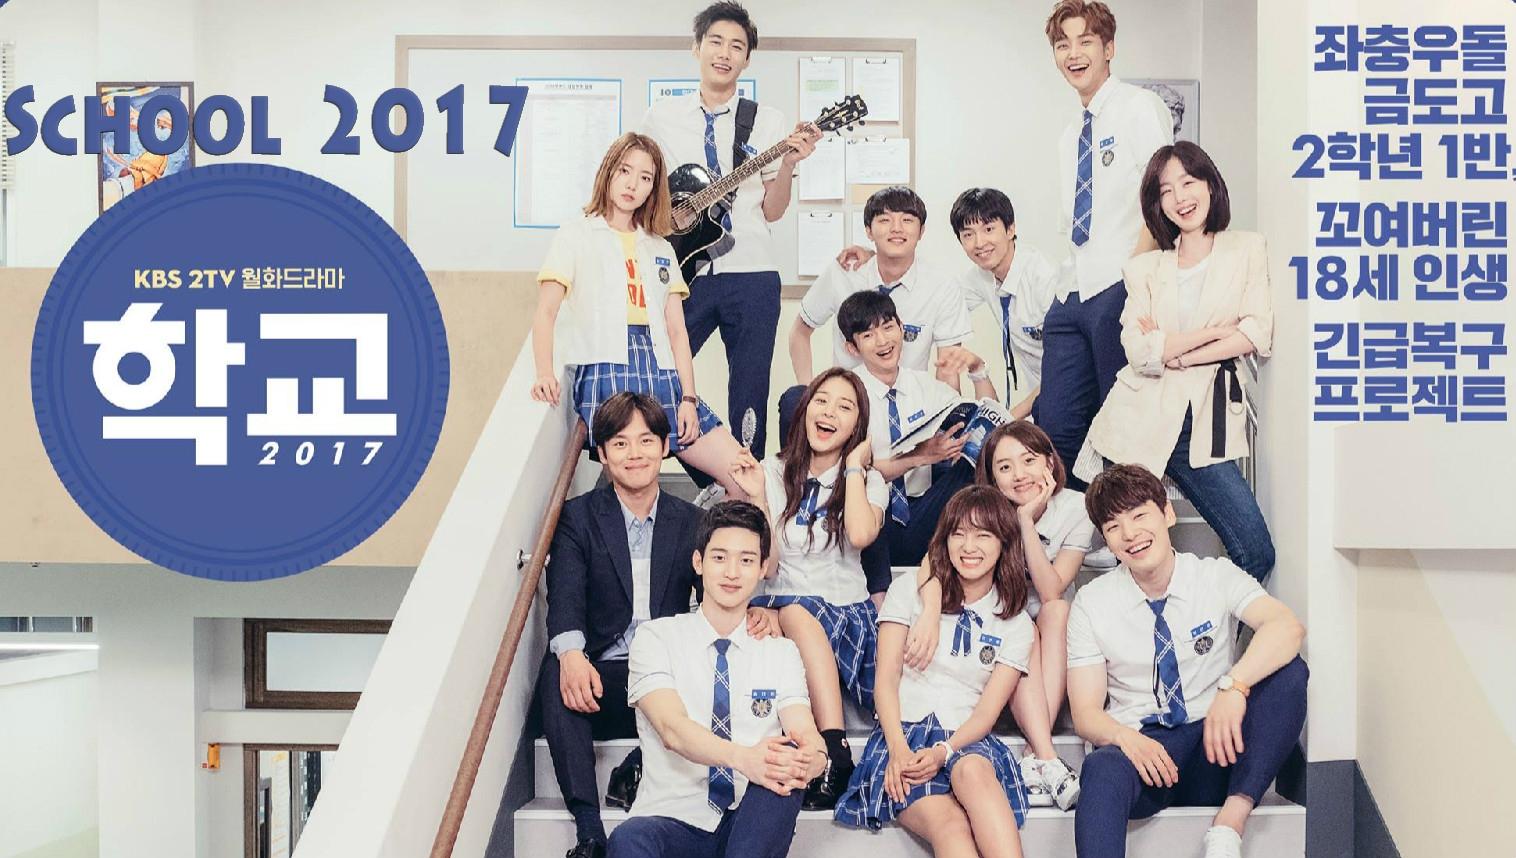 School 2017 8. Bölüm İzle